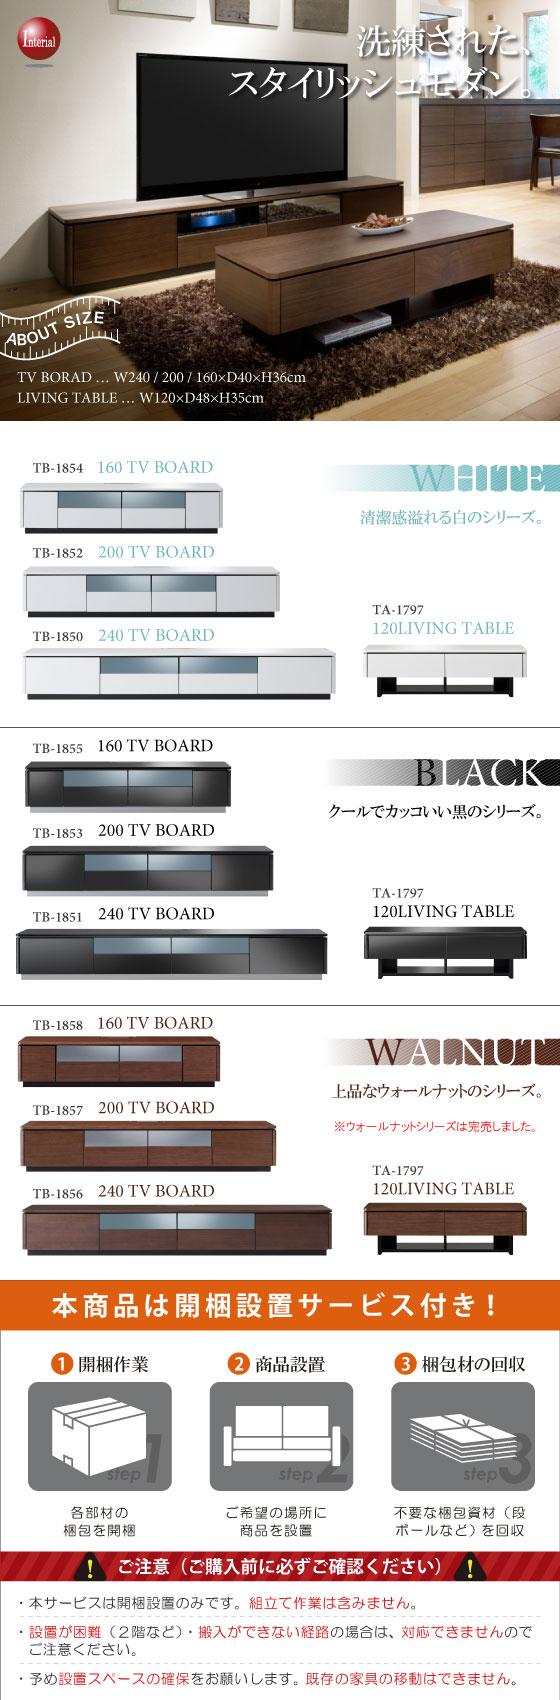 光沢モダン白ホワイト・幅120cmリビングテーブル(完成品)開梱設置サービス付き